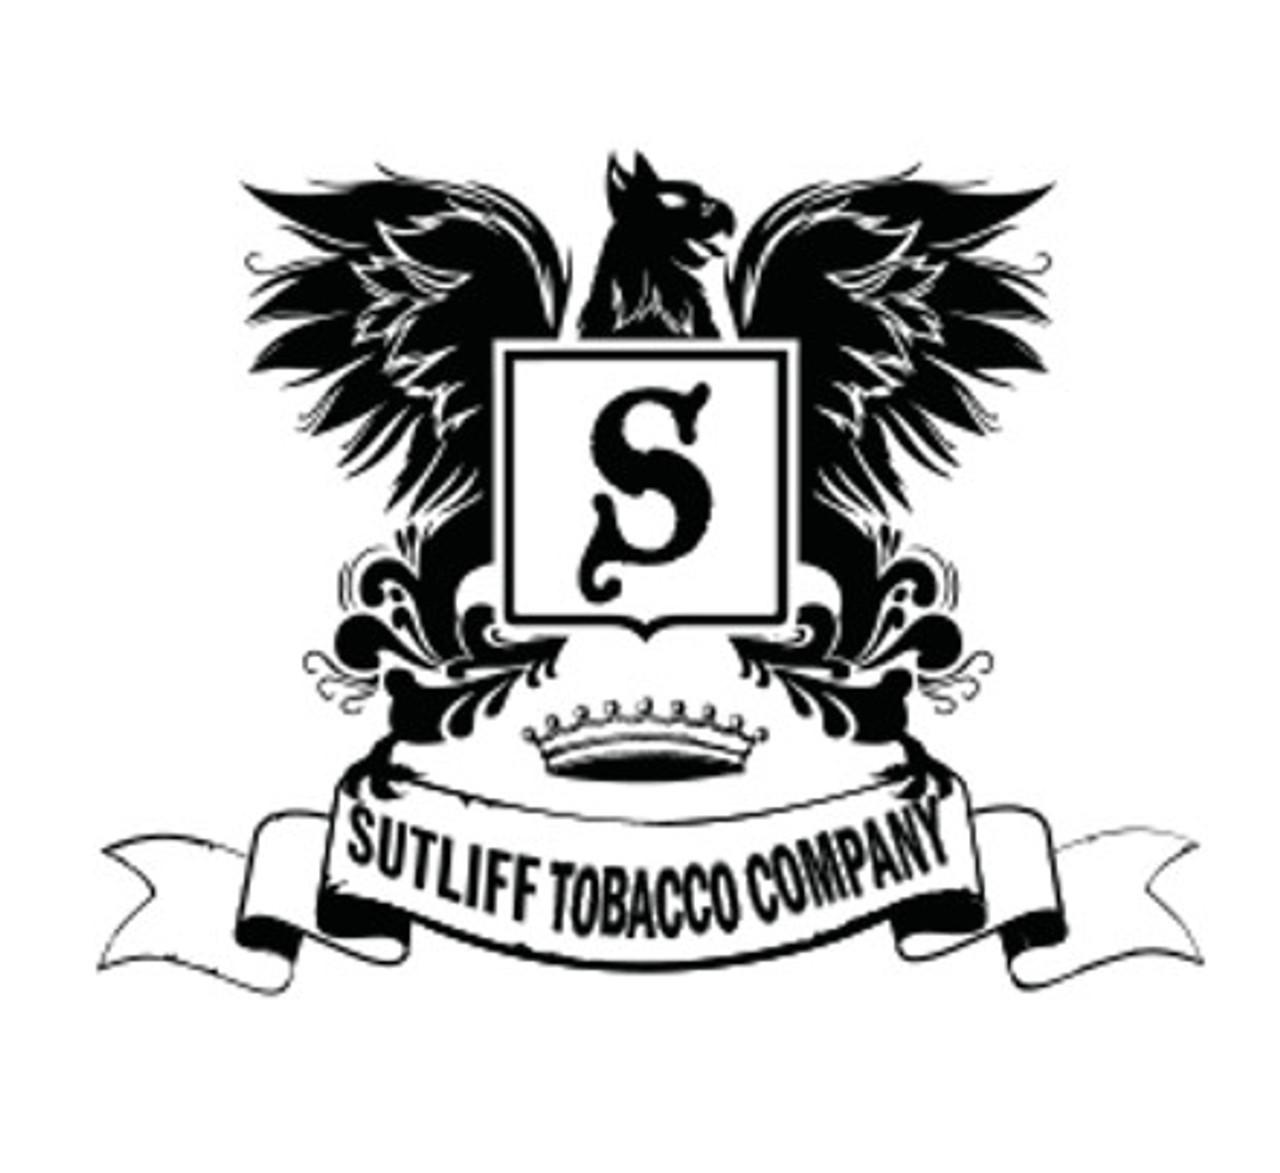 Sutliff J-3 Almondine Bulk Pipe Tobacco 5 LB